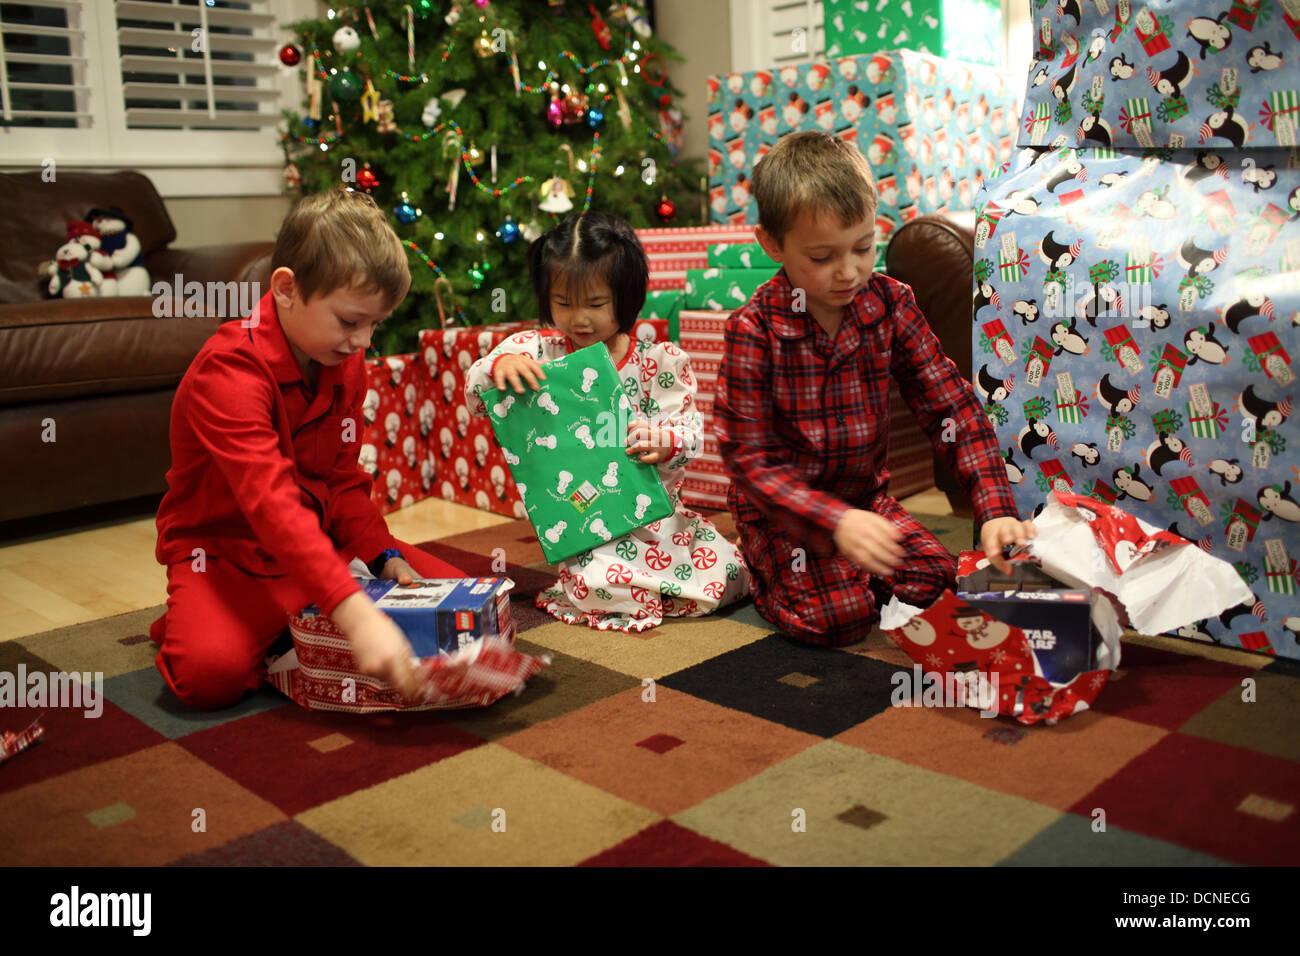 Drei Kinder Geschenke am ersten Weihnachtstag öffnen Stockfoto, Bild ...